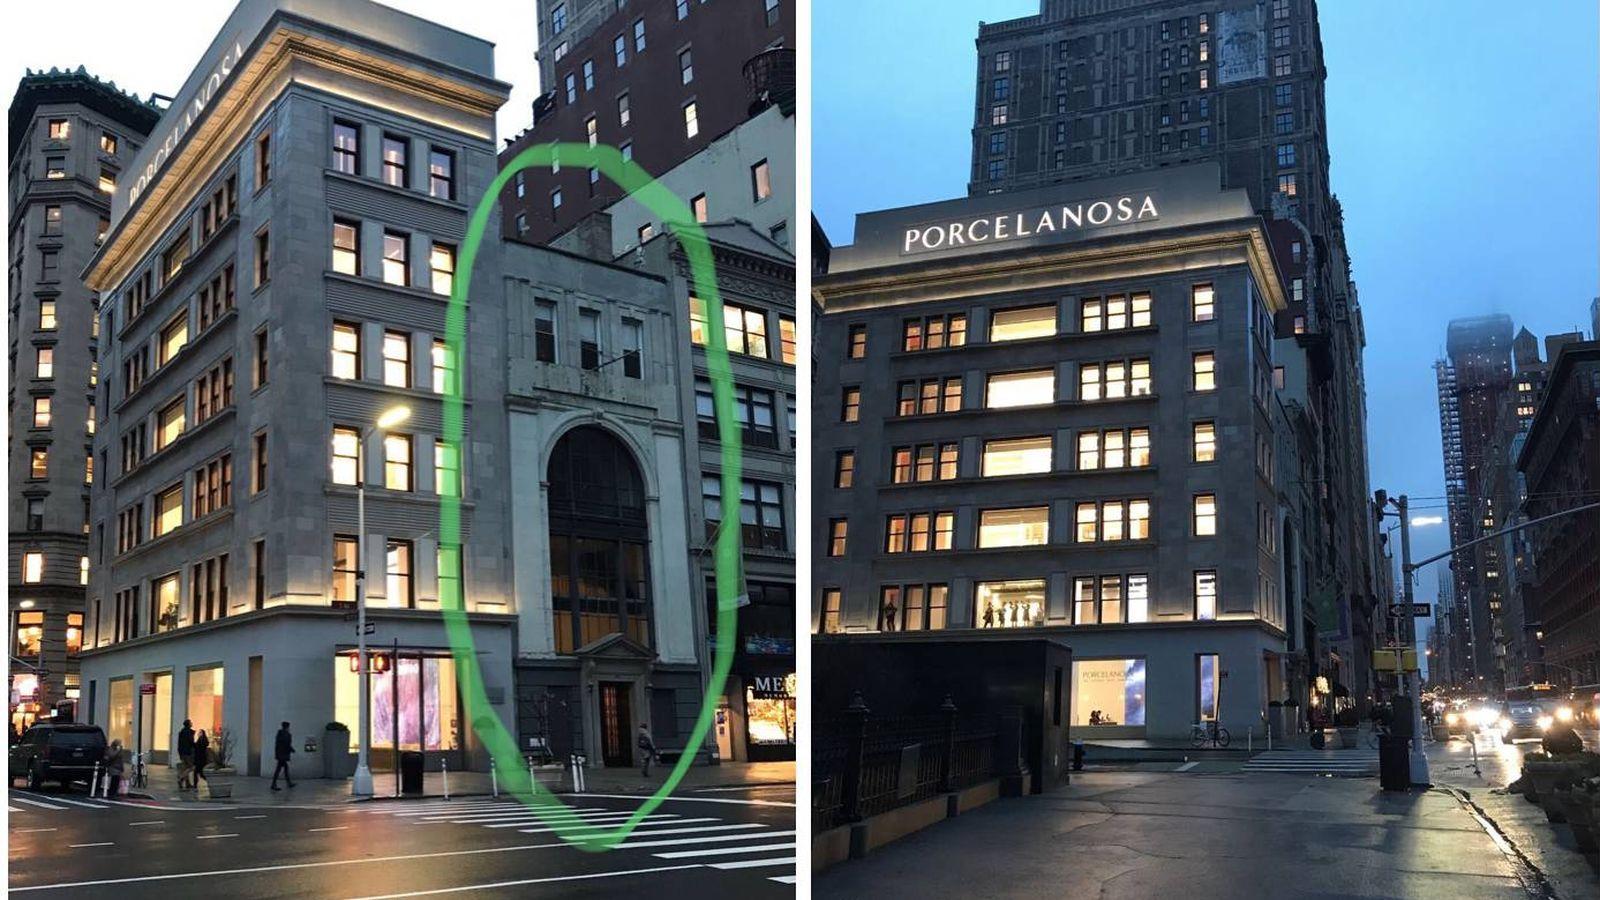 Foto: El edificio adquirido por Porcelanosa y su tienda en la Quinta Avenida de Nueva York, frente al Madison Square Garden.